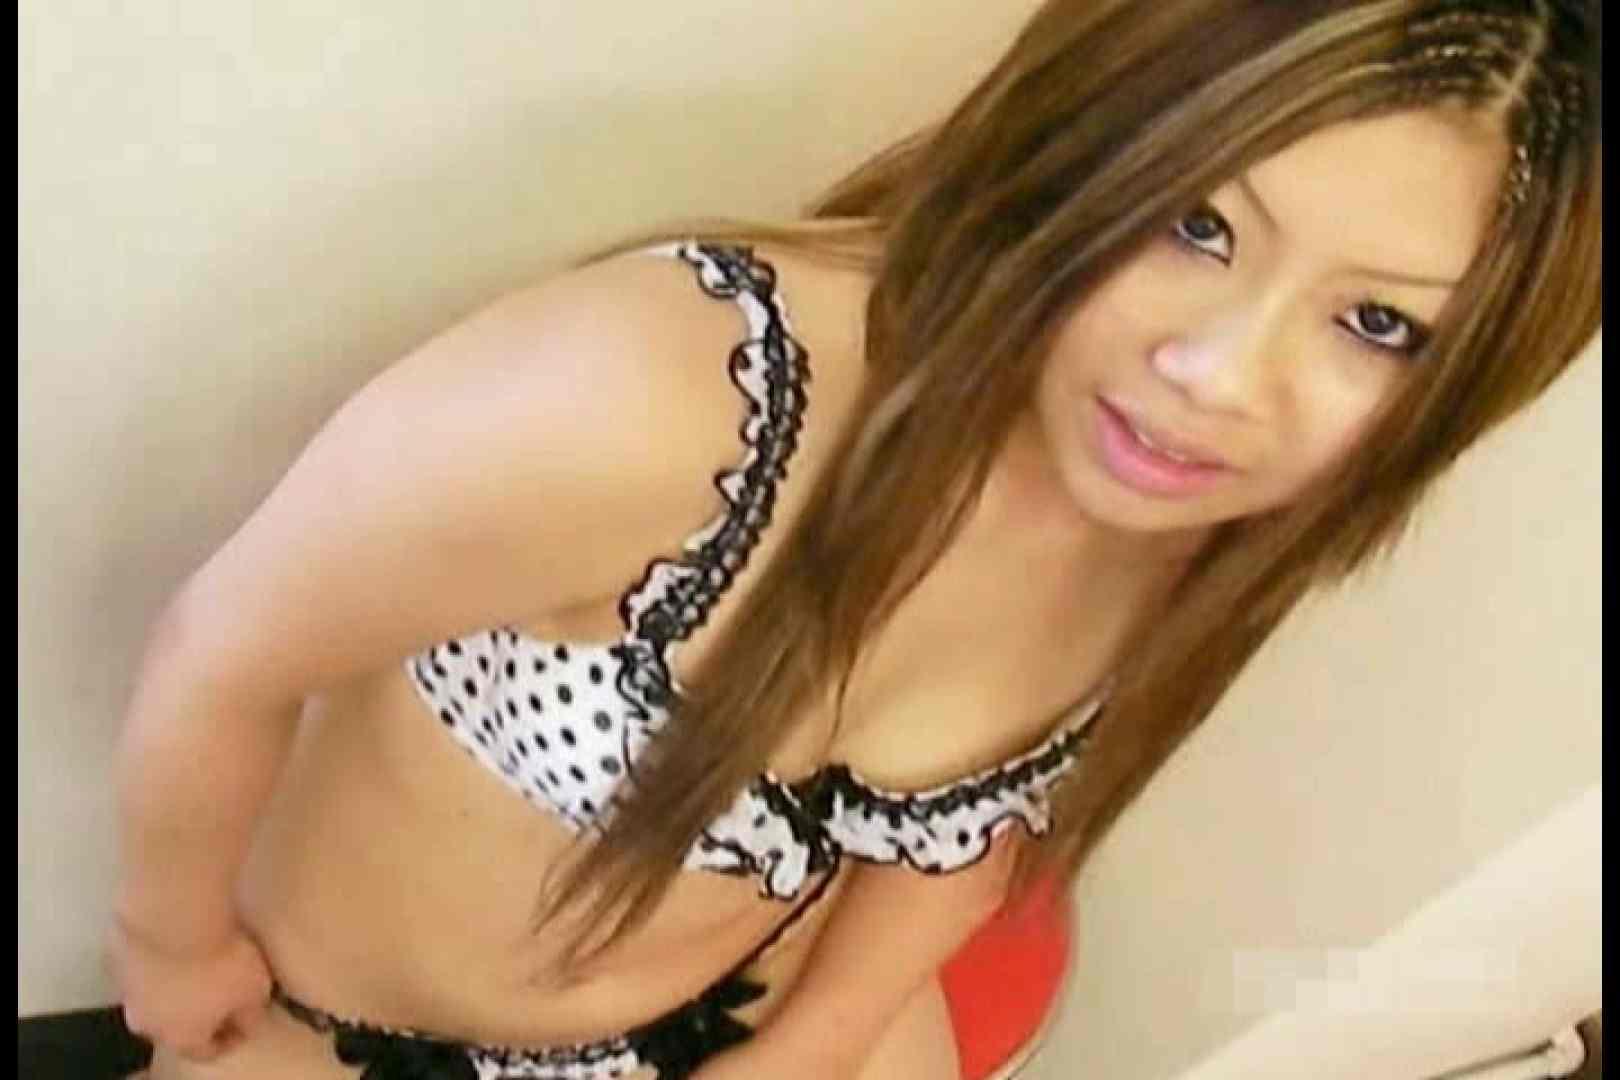 素人撮影 下着だけの撮影のはずが・・・幸子18歳 素人のぞき 盗撮画像 70pic 22